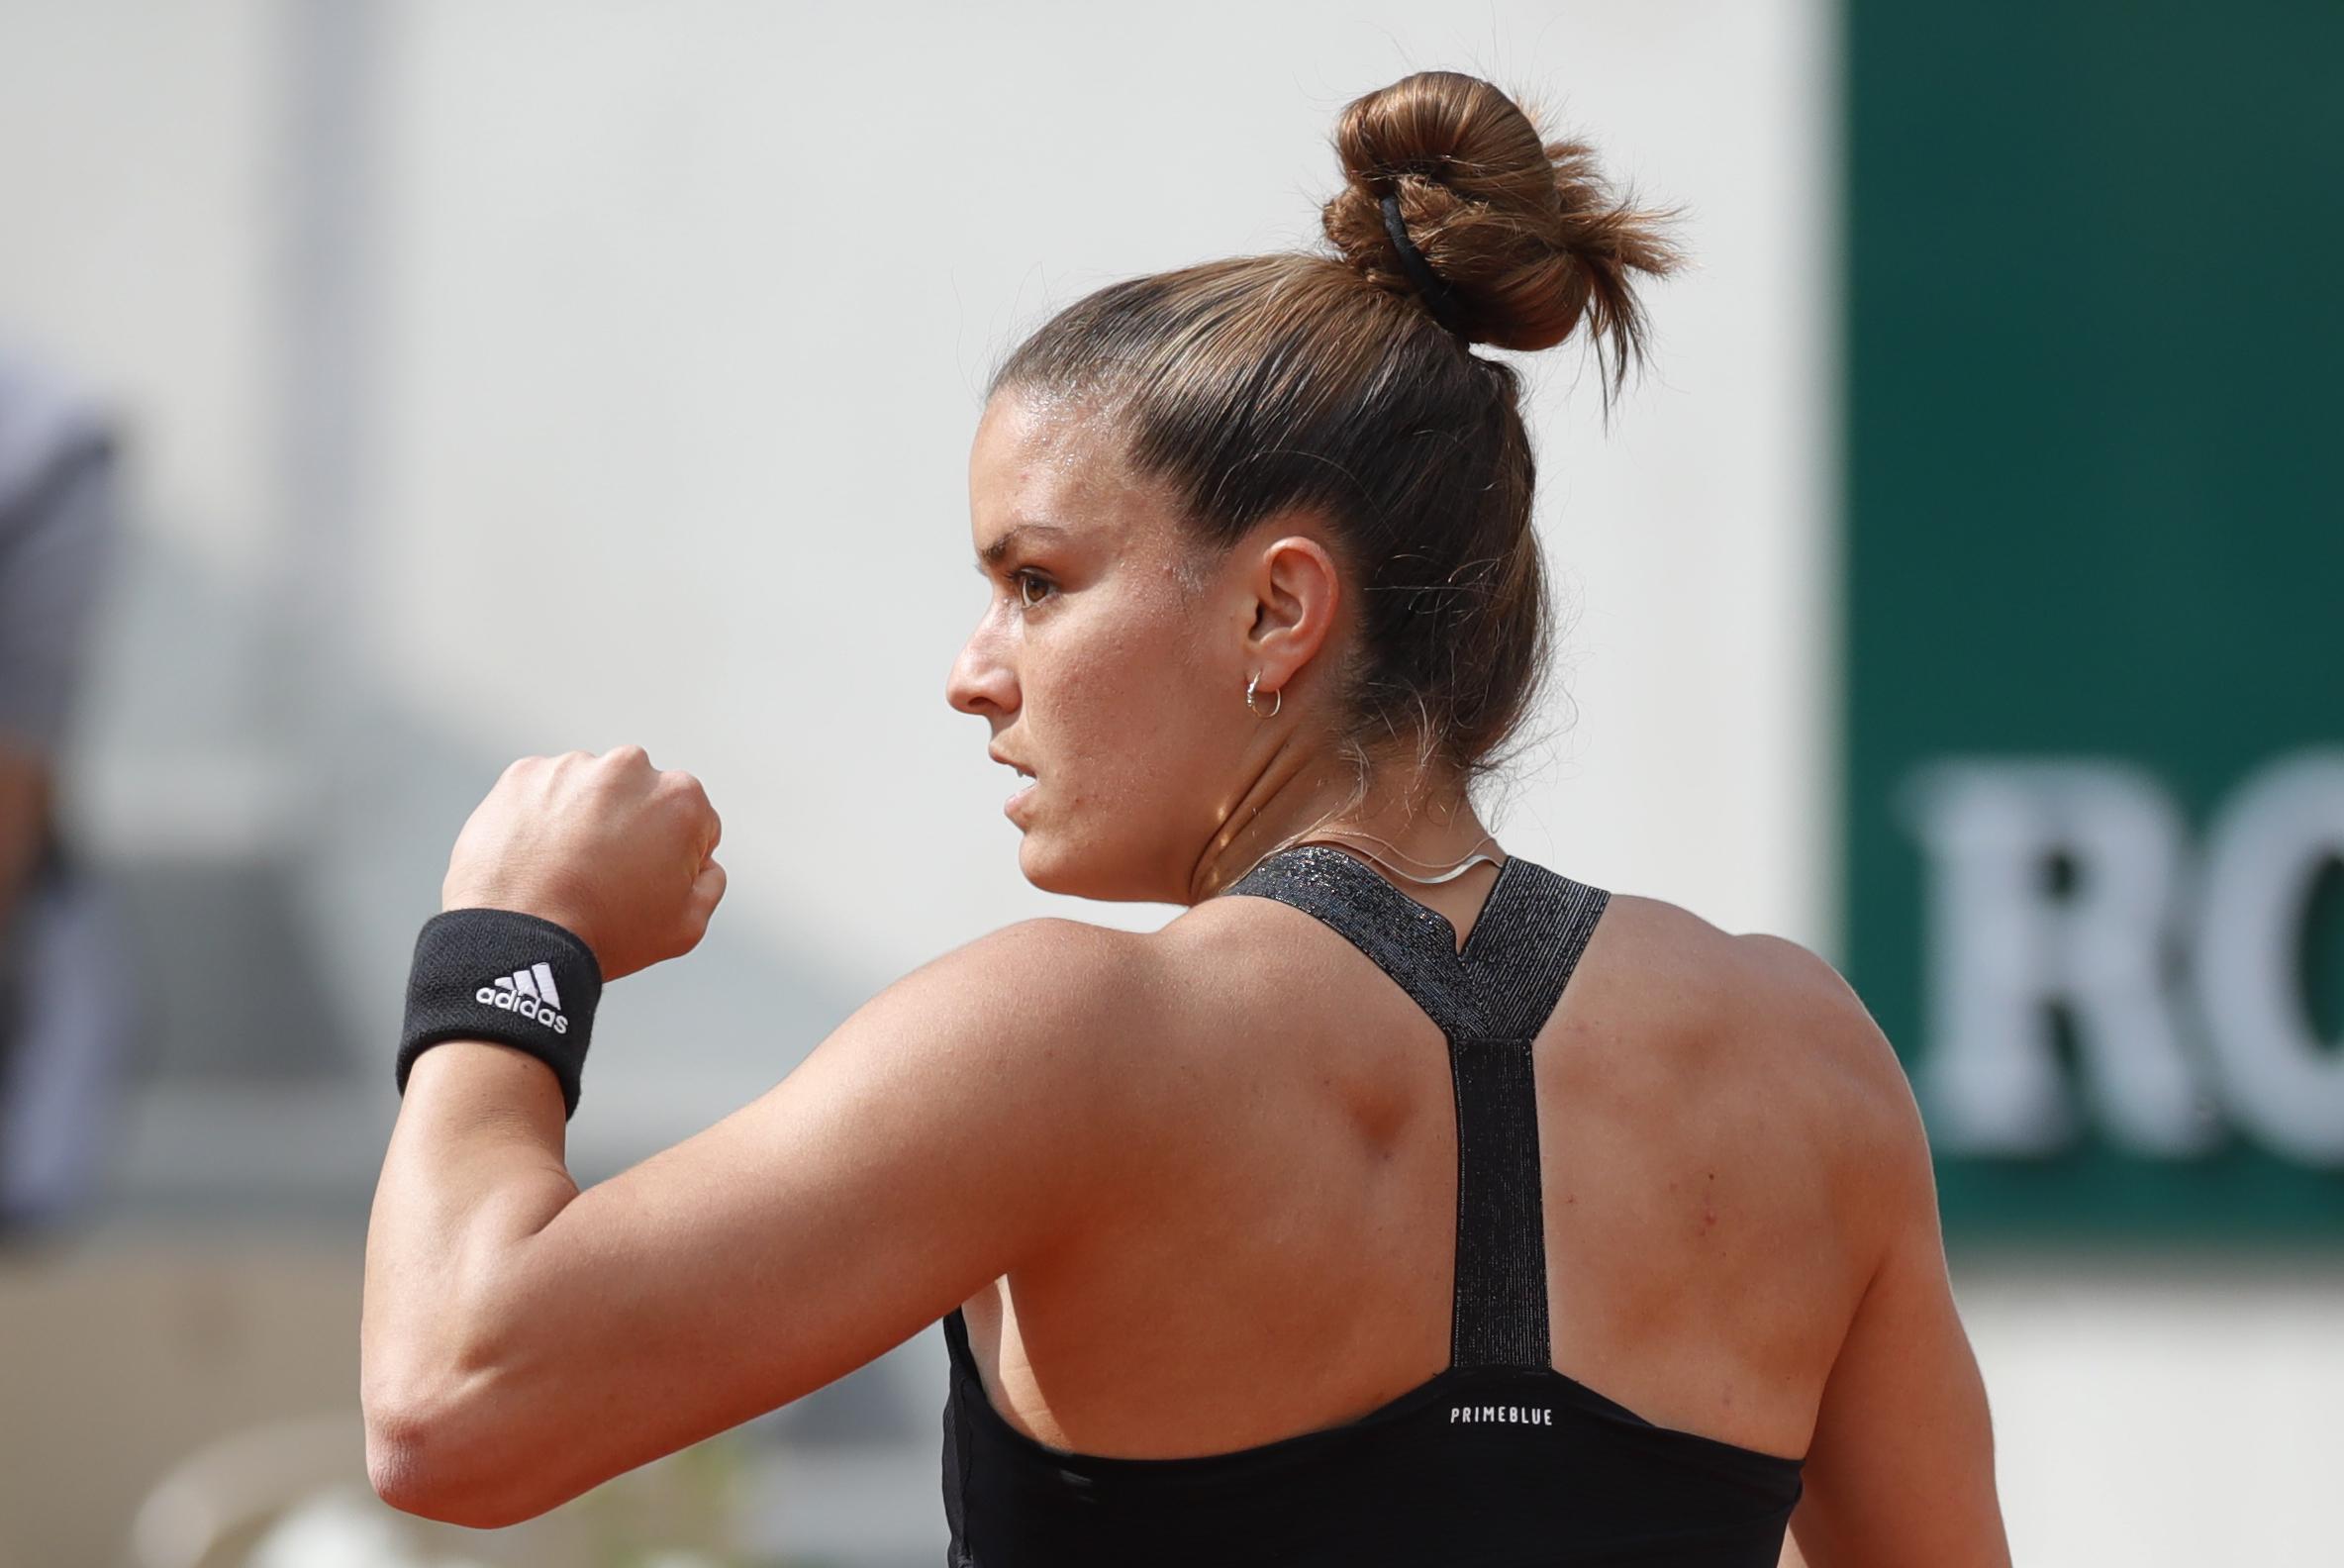 Μαρία Σάκκαρη: Η ώρα του ημιτελικού με την Κρεϊτσίκοβα στο Roland Garros